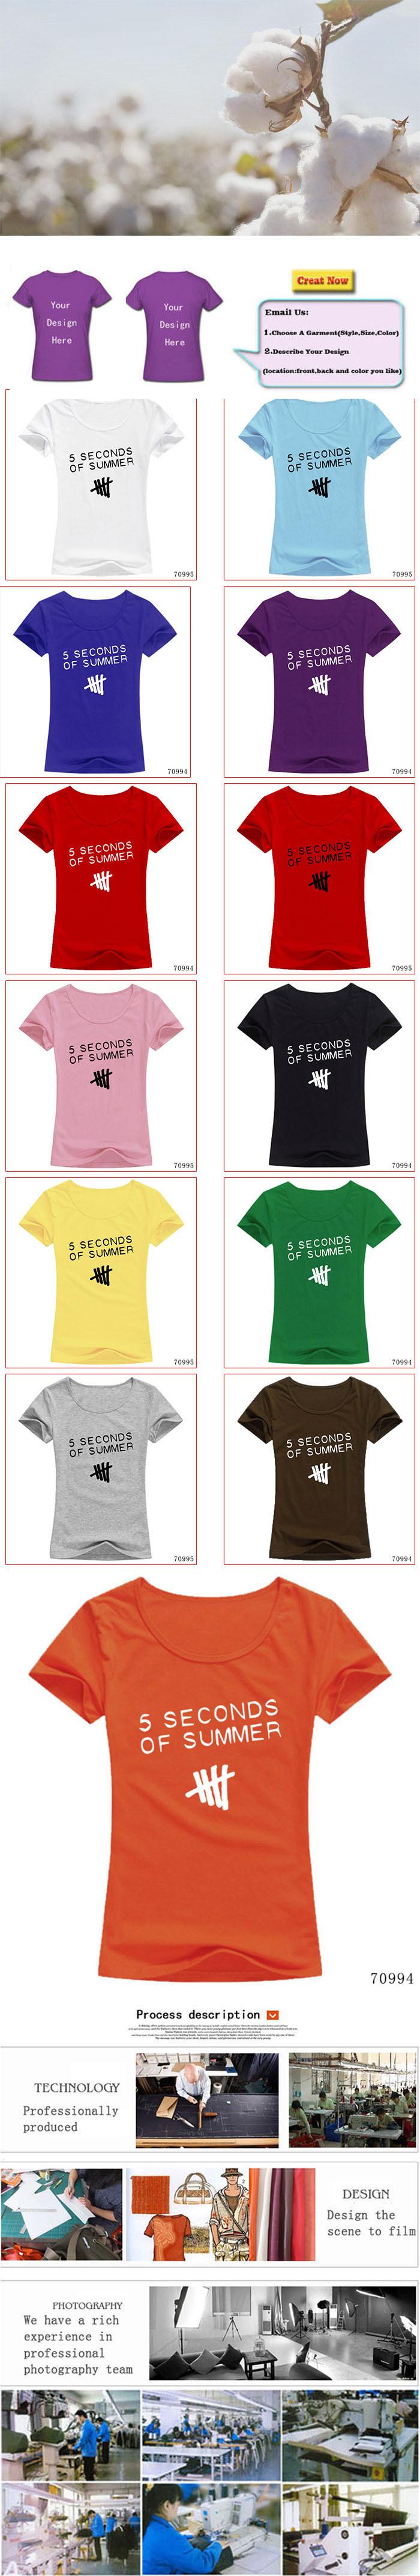 Евро размер 5 секунд пять t рубашки женщин 5sos женщина рубашки короткий рукав o шею женская тройники вершины лета одежда